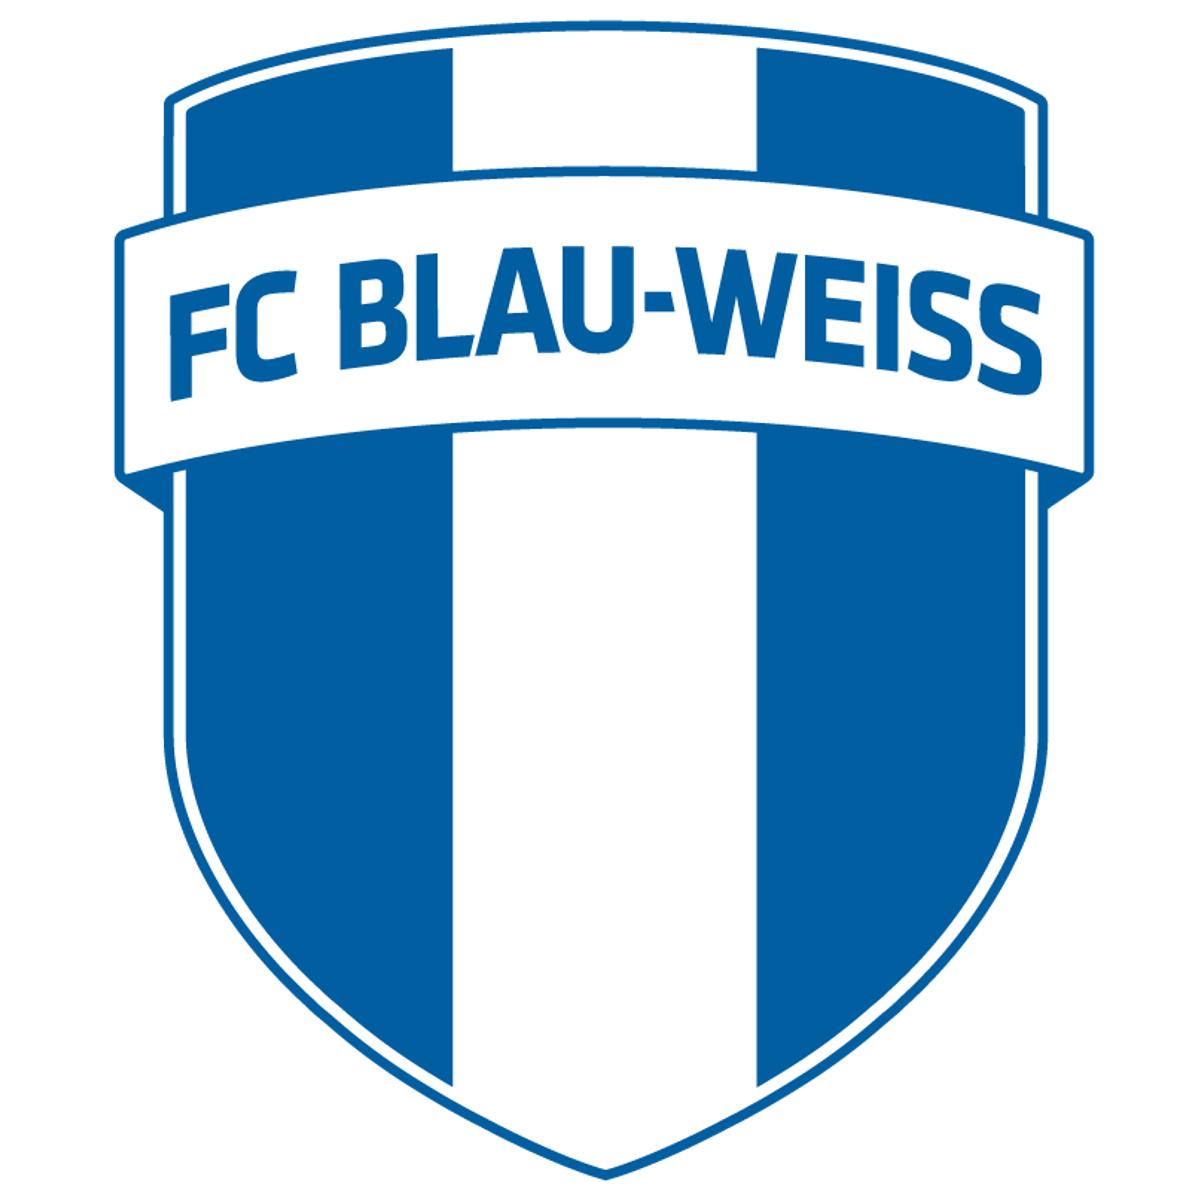 Blau Weiß Gersdorf Fußball